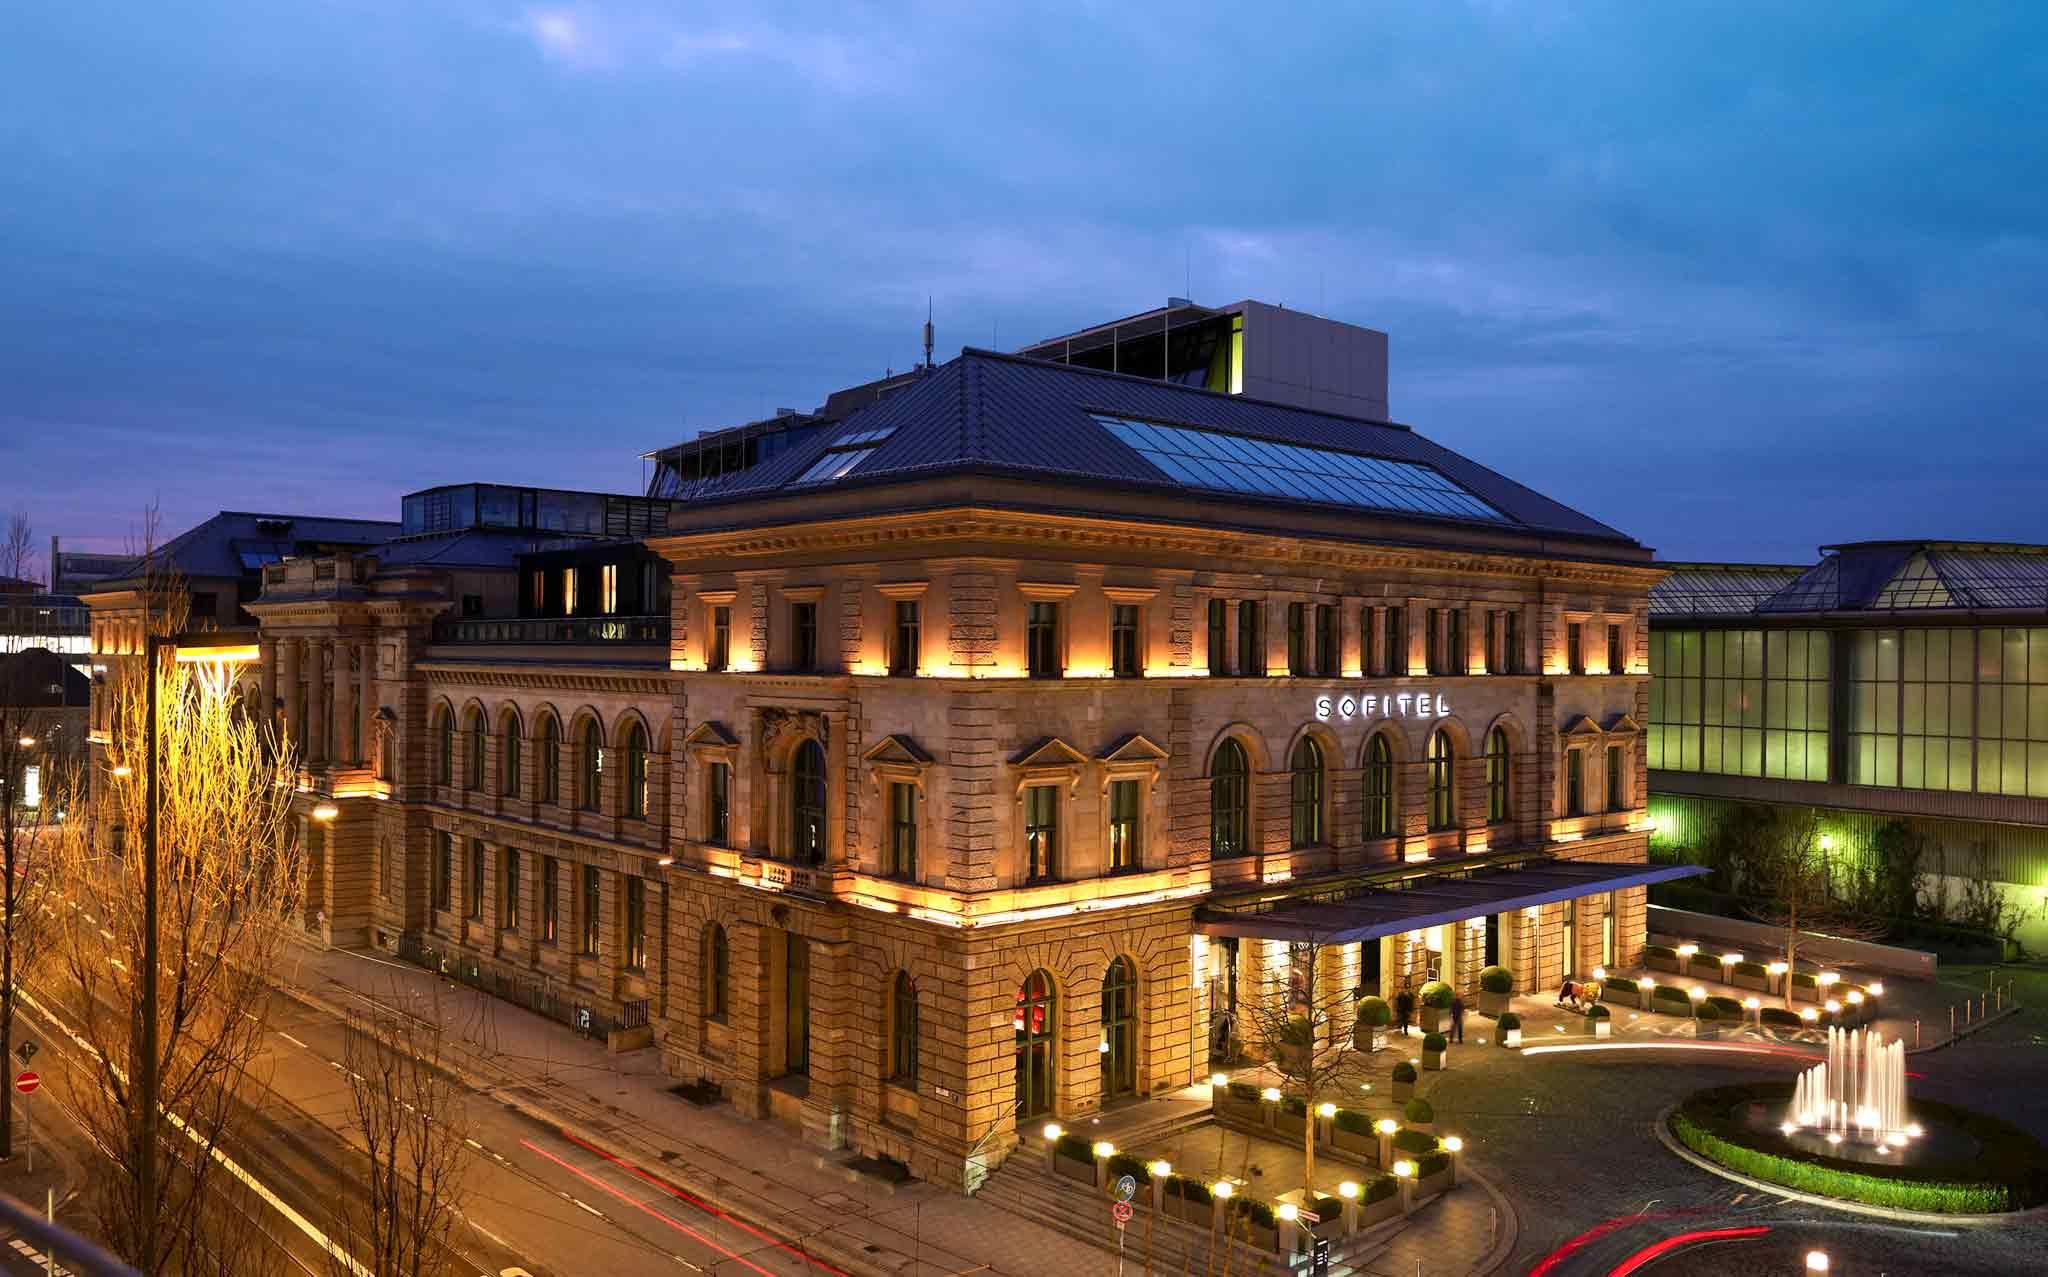 โรงแรม – โซฟิเทล มิวนิก บายเออร์โพสต์